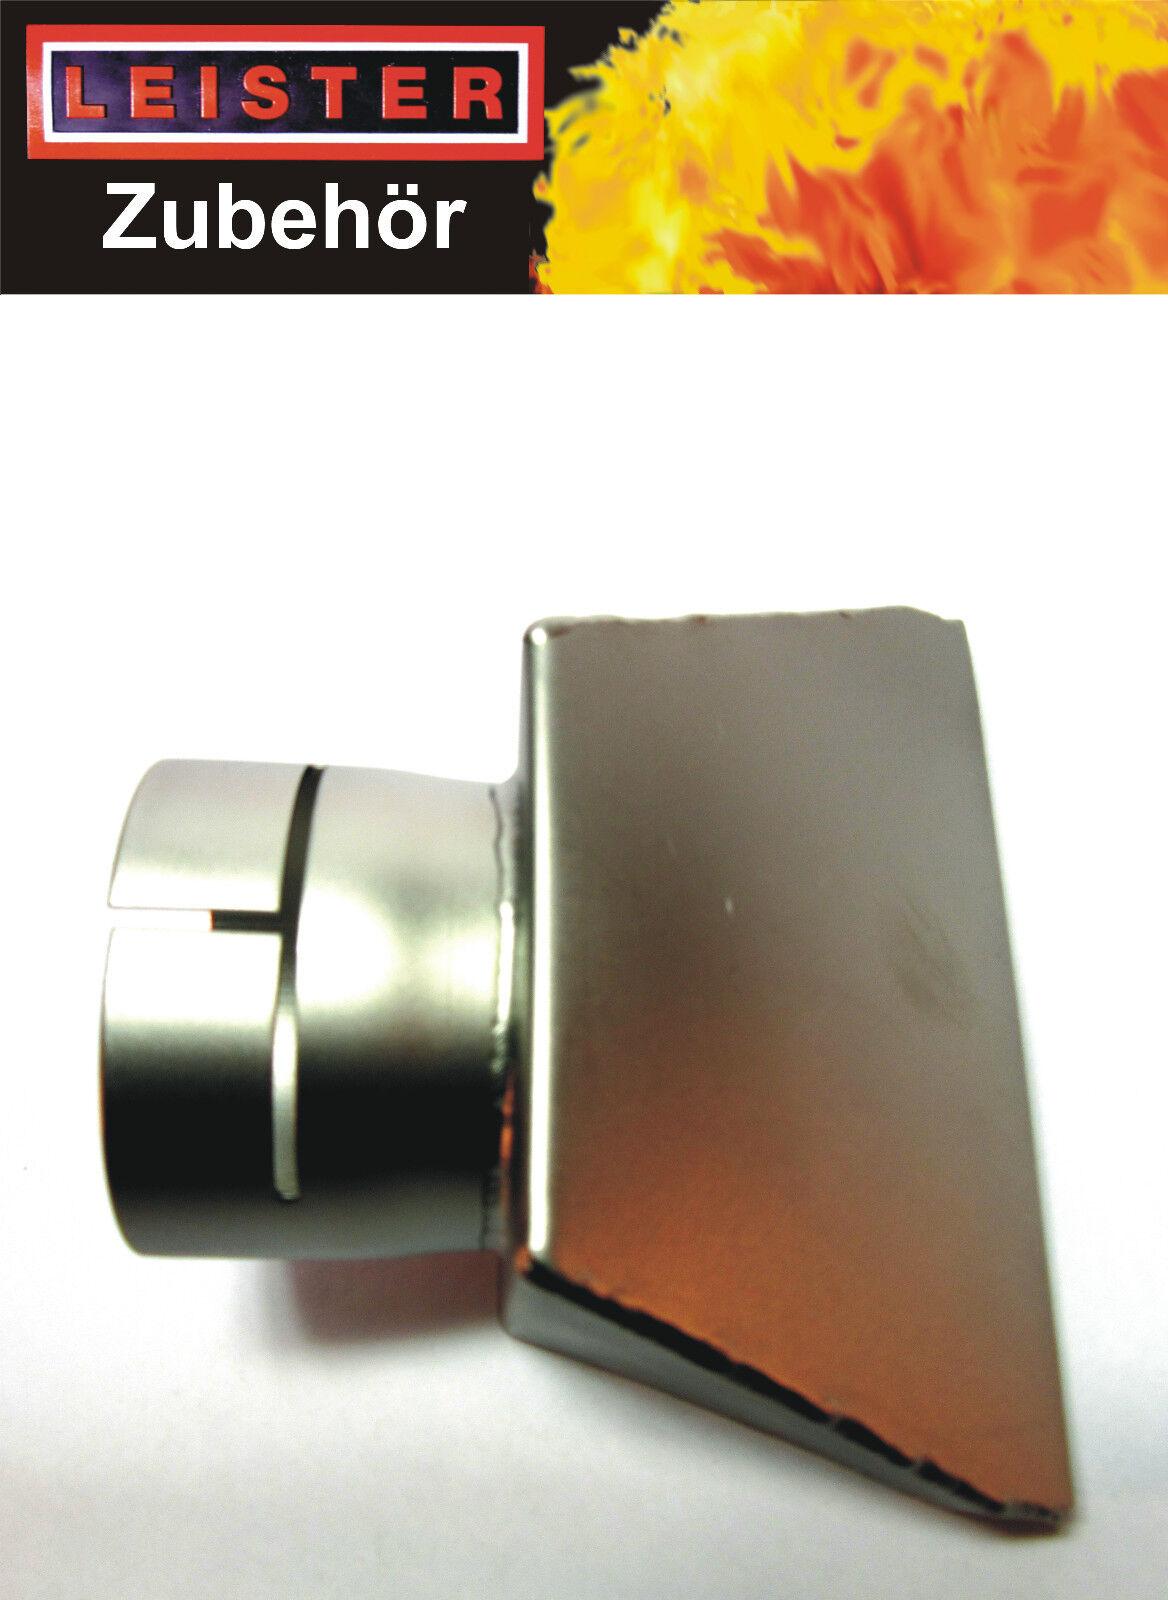 Leister Breitschlitzdüse für ELECTRON (Ø 50,5 mm) 100 x 4 mm  106057